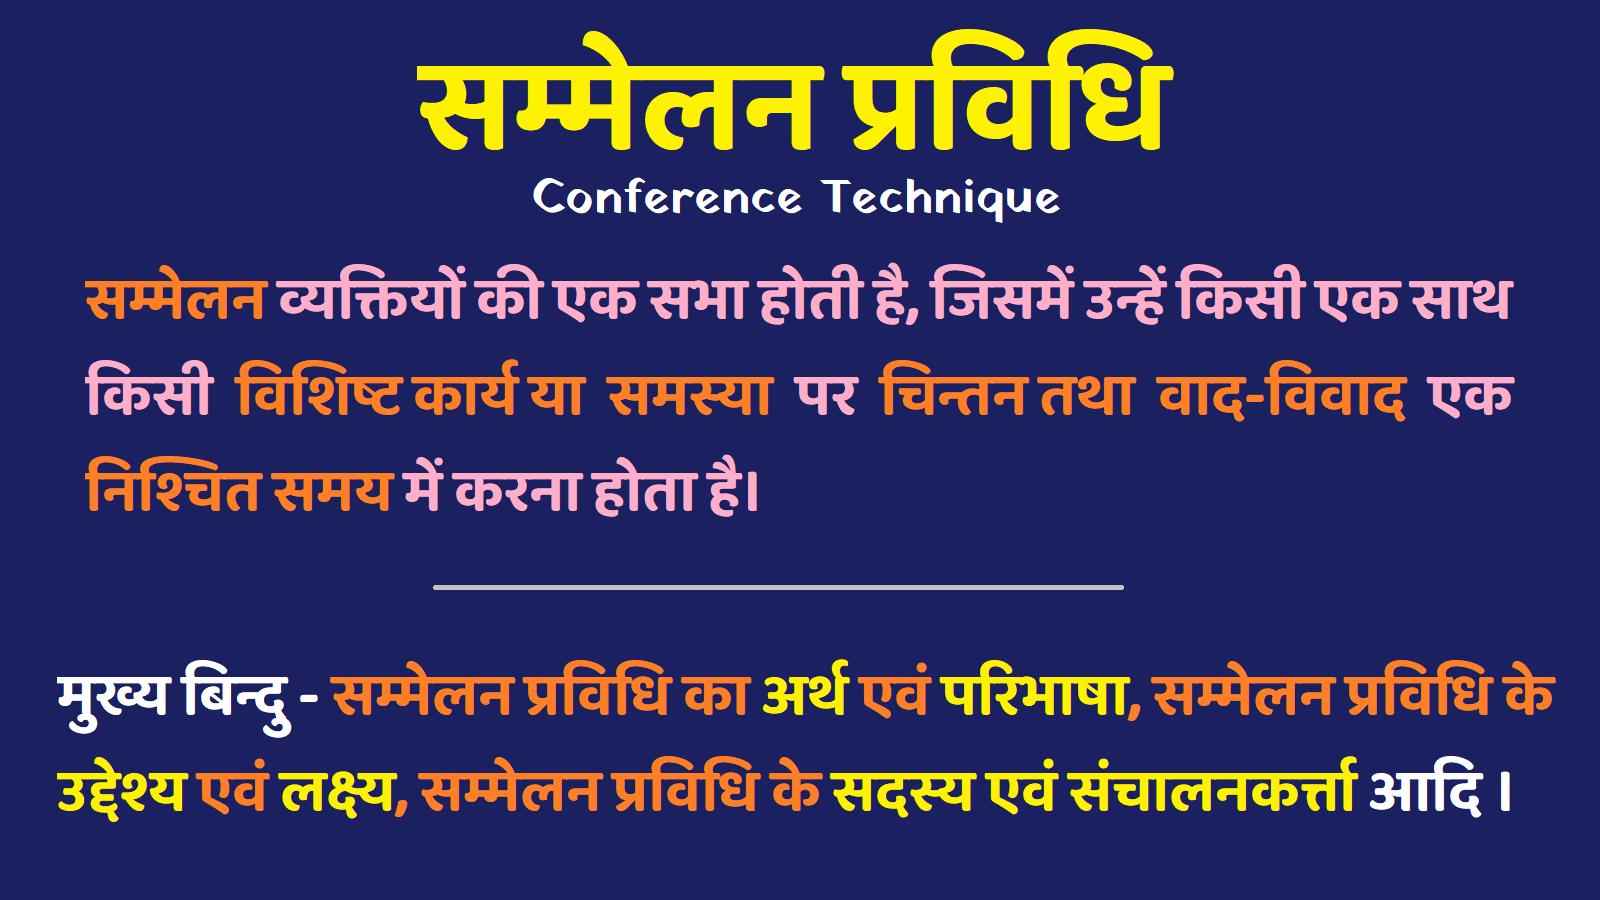 Sammelan Pravidhi -  Sammelan Dwara Sikhna